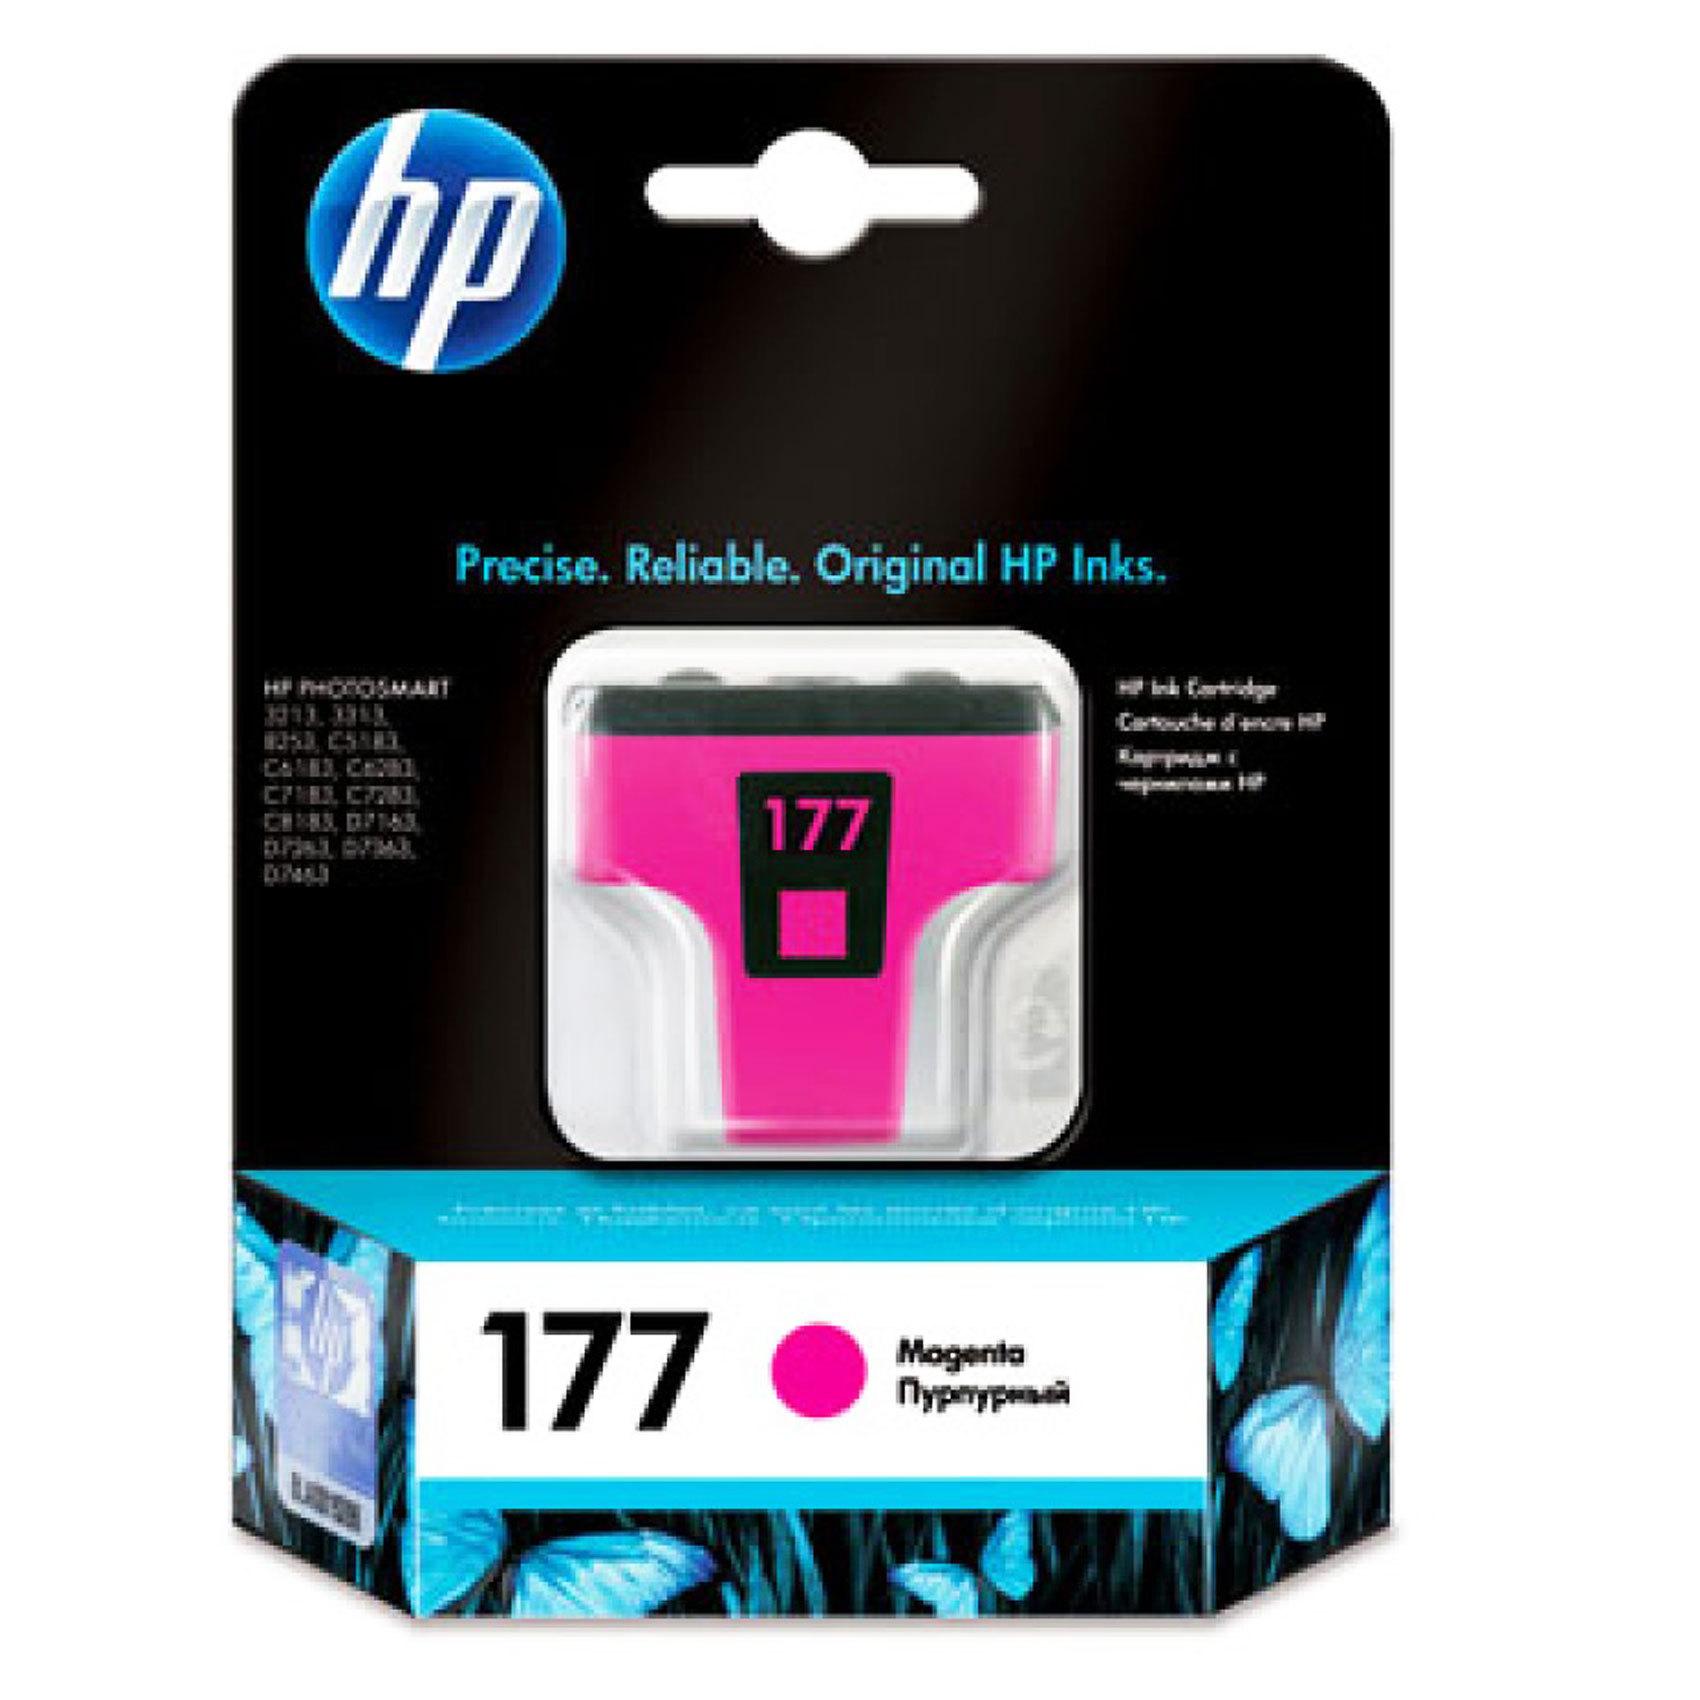 HP CART 177 MAGENTA